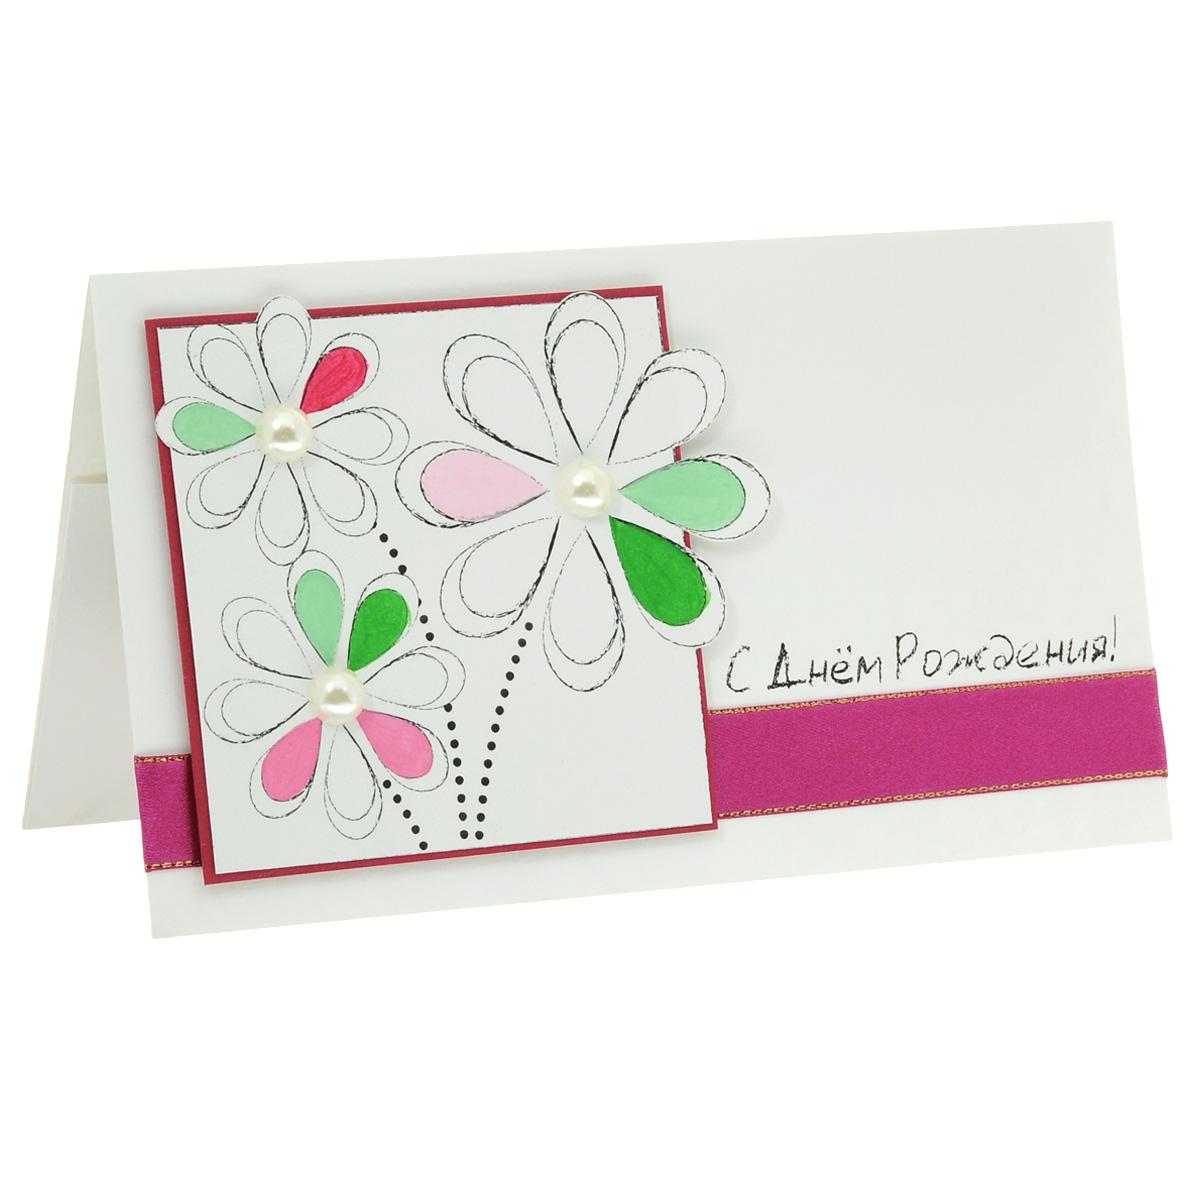 ОЖ-0011 Открытка-конверт «С Днём Рождения!» (рукописные цветы). Студия «Тётя Роза»2002783Характеристики: Размер 19 см x 11 см.Материал: Высоко-художественный картон, бумага, декор. Данная открытка может стать как прекрасным дополнением к вашему подарку, так и самостоятельным подарком. Так как открытка является и конвертом, в который вы можете вложить ваш денежный подарок или просто написать ваши пожелания на вкладыше. Лаконичная открытка подкупает своей чистотой. Цветочкив рамке разукрашены вручную и декорированы жемчужными полубусинками. Открытка оформлена сиреневой атласной лентой с золотым кантом. Надпись будто начерчена графитным мелком. Также открытка упакована в пакетик для сохранности.Обращаем Ваше внимание на то, что открытка может незначительно отличаться от представленной на фото.Открытки ручной работы от студии Тётя Роза отличаются своим неповторимым и ярким стилем. Каждая уникальна и выполнена вручную мастерами студии. (Открытка для мужчин, открытка для женщины, открытка на день рождения, открытка с днем свадьбы, открытка винтаж, открытка с юбилеем, открытка на все случаи, скрапбукинг)